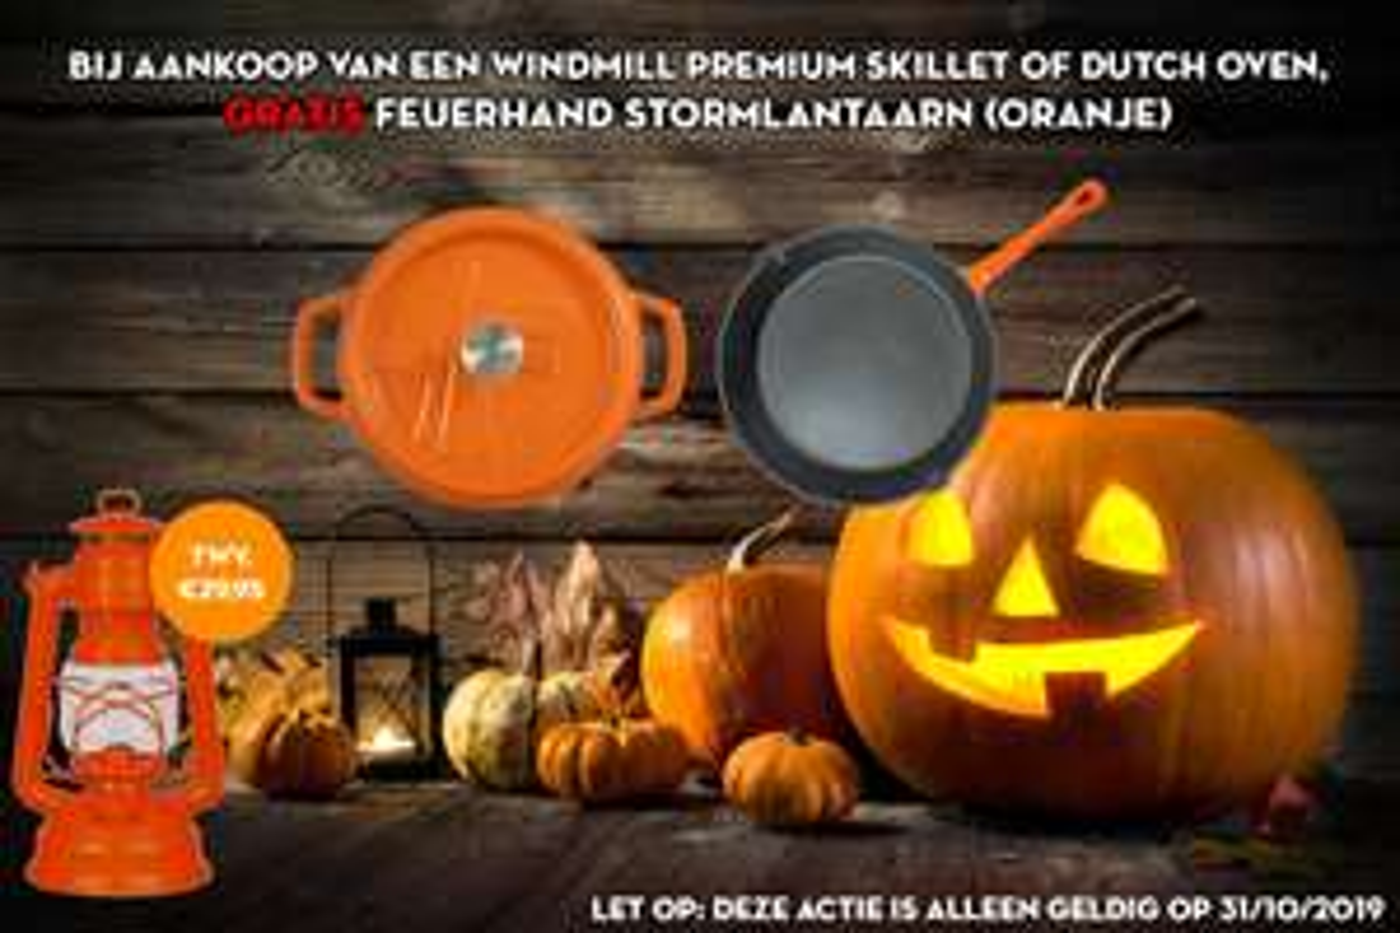 Vuur en Rook, online, 2 Halloween-aanbiedingen: gratis artikel bij aankoop van: -1 op vuur koken (Dutch Oven, Skillet) + -2 Saus